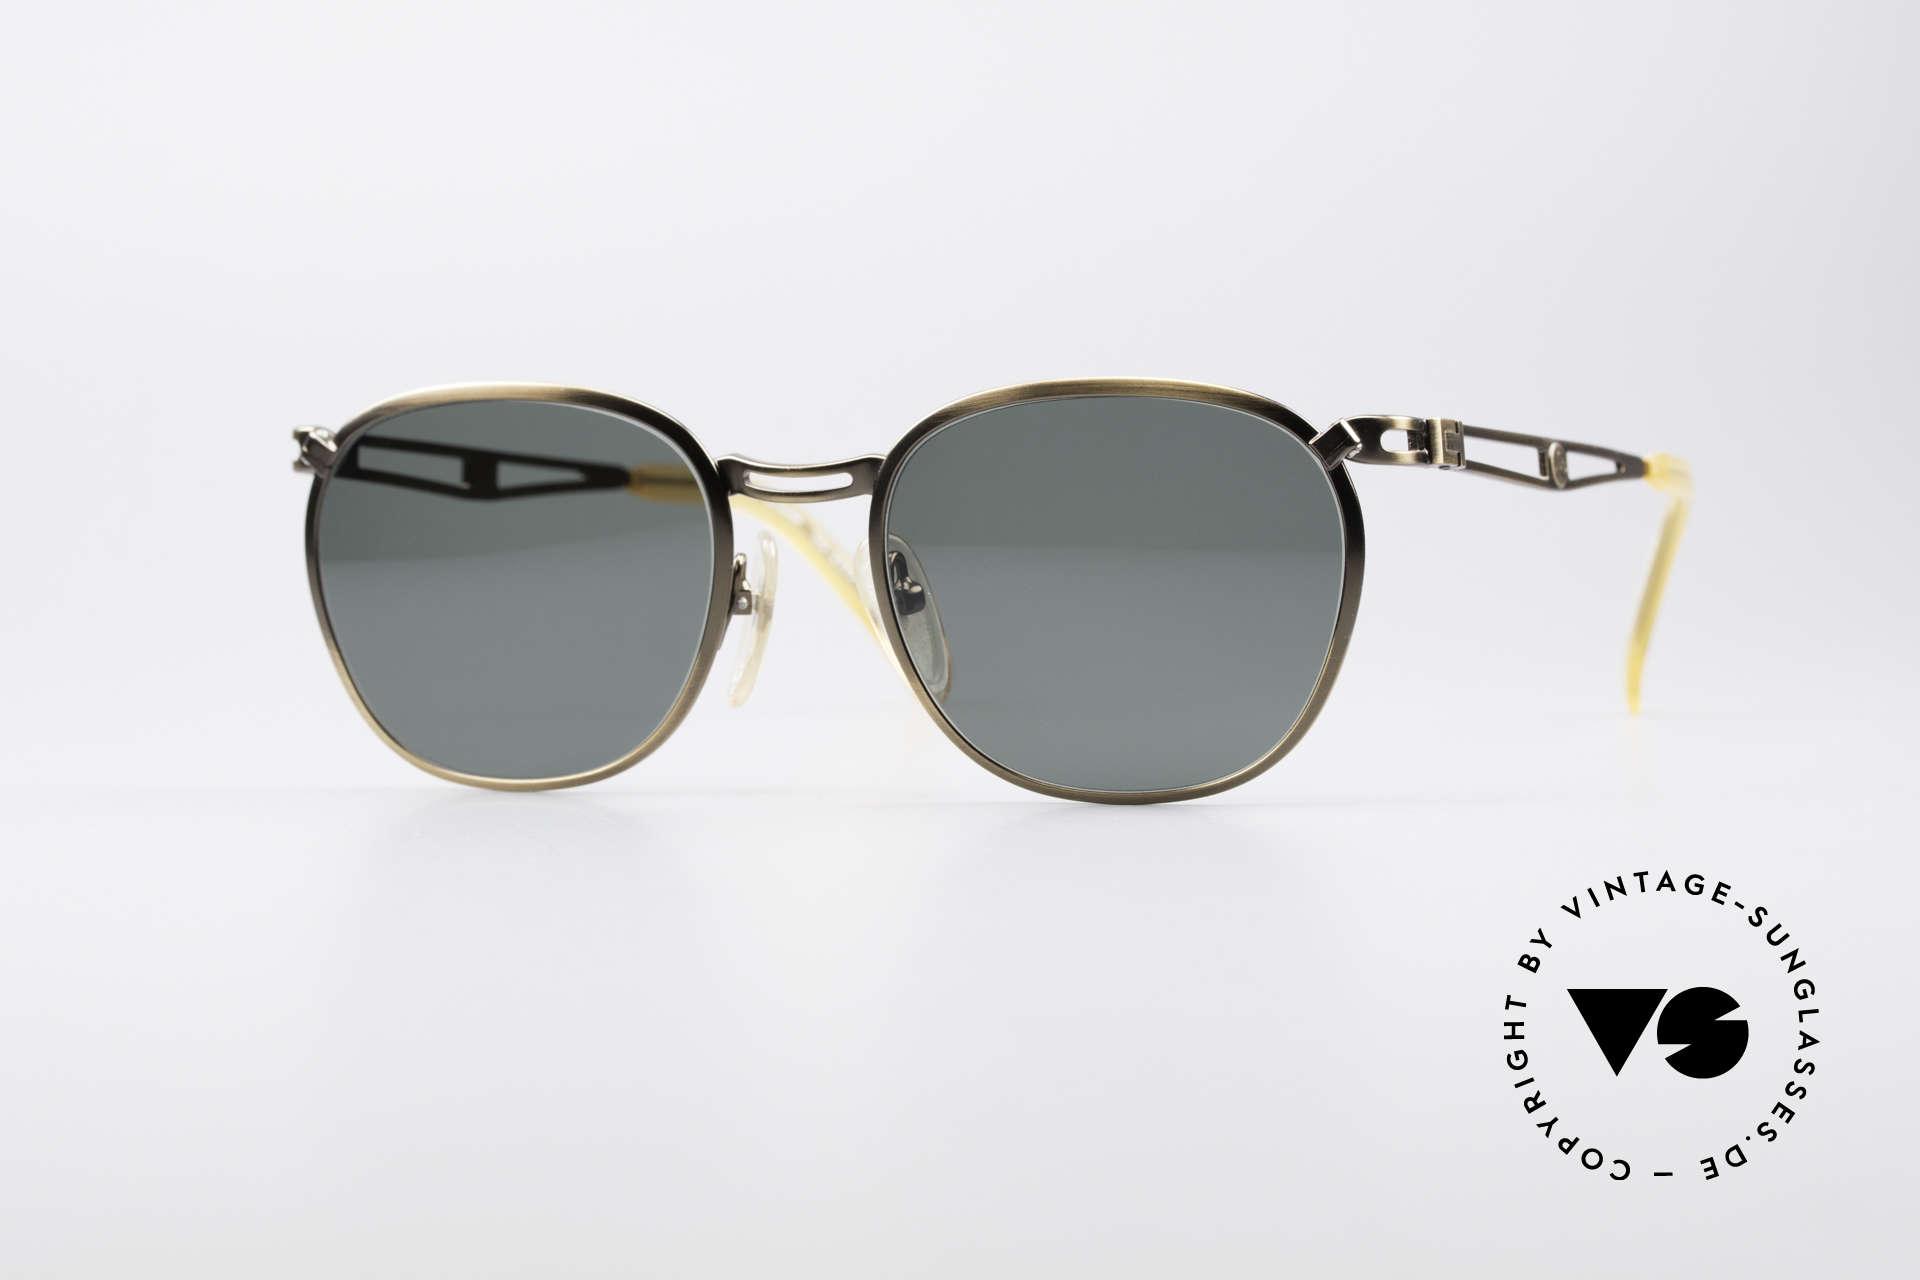 Jean Paul Gaultier 56-2177 90er Designer Sonnenbrille, 90er Jahre Jean Paul GAULTIER Designersonnenbrille, Passend für Herren und Damen